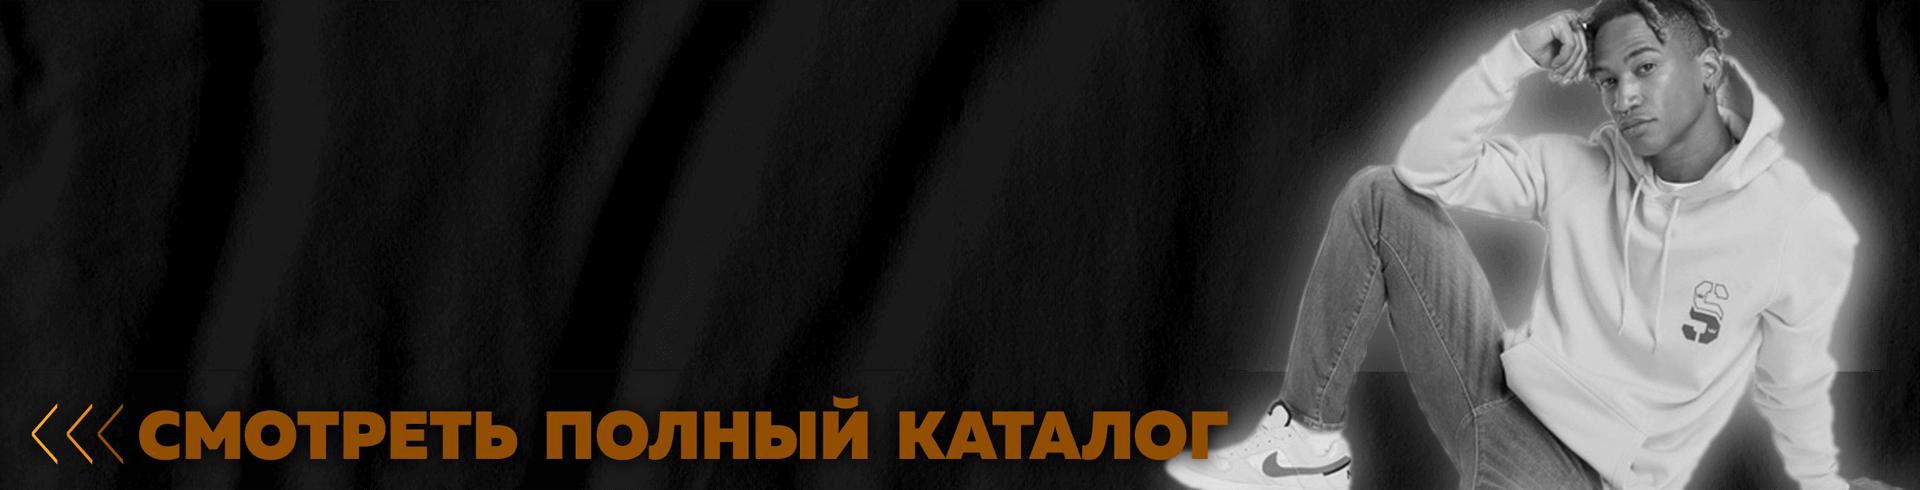 Каталог белых мужских и подростковых толстовок с капюшоном без молнии-застежки